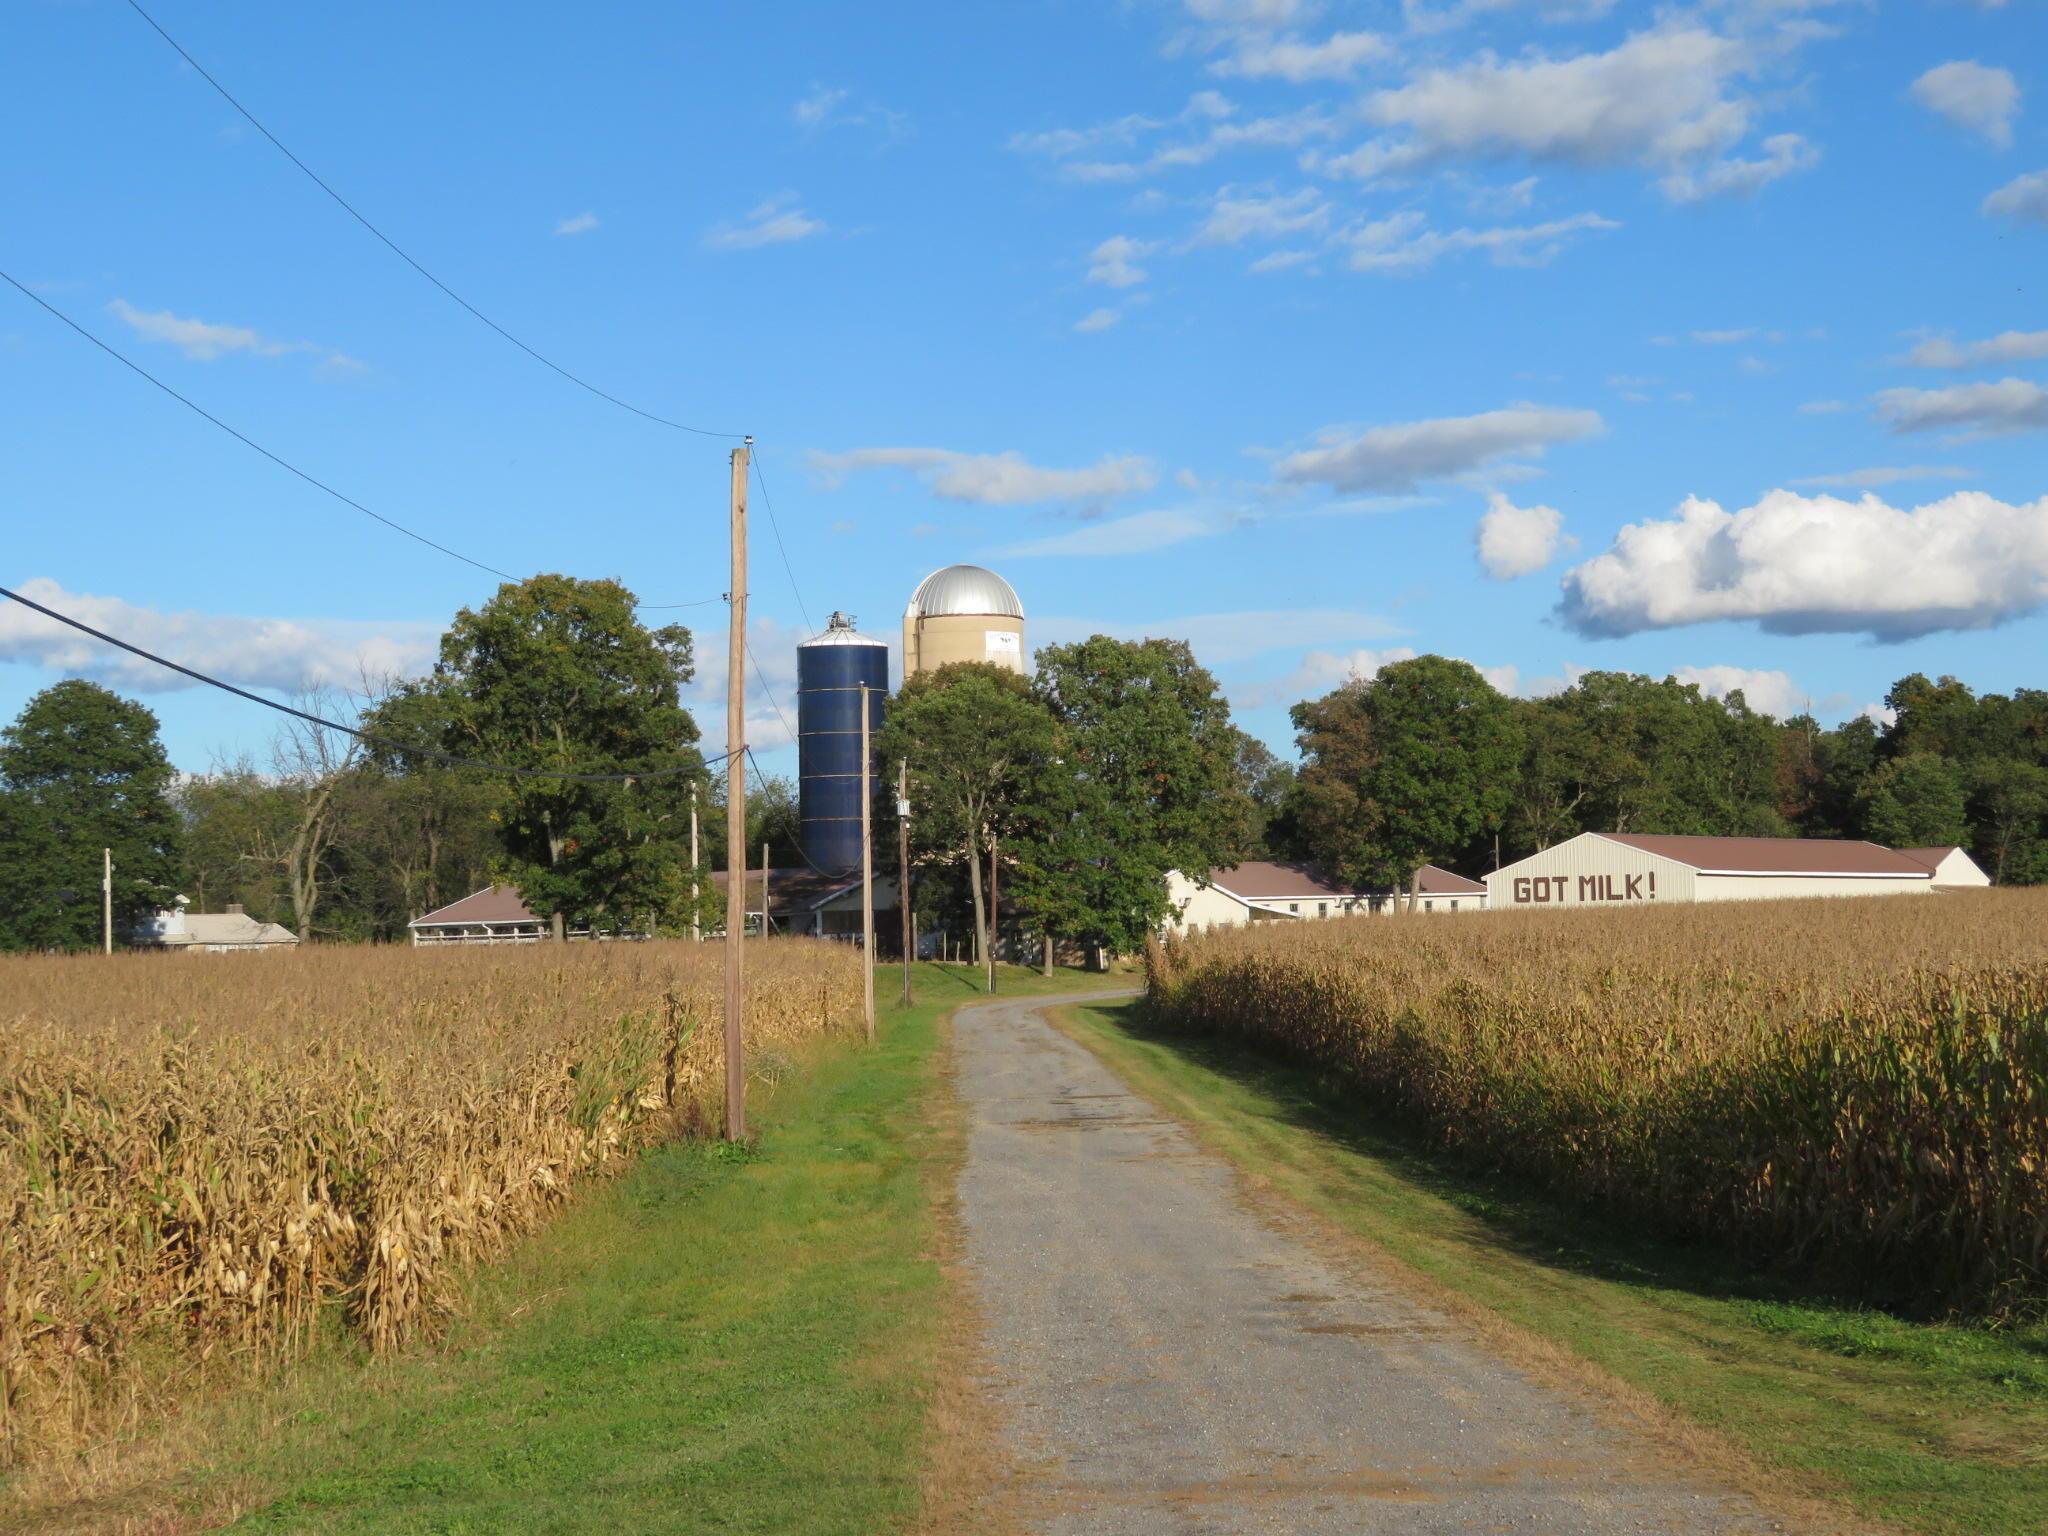 独户住宅 为 销售 在 436 MCKINNEY ROAD 436 MCKINNEY ROAD Lock Haven, 宾夕法尼亚州 17745 美国